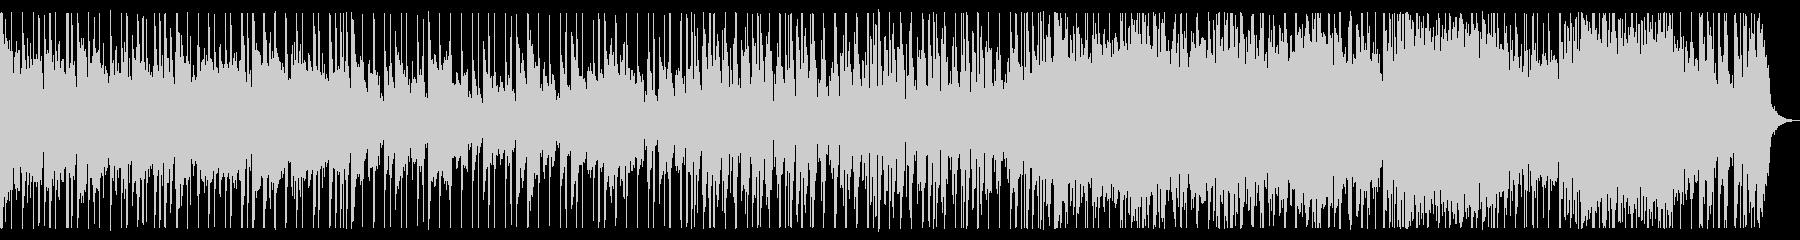 爽やか。日常。歌モノポップス。の未再生の波形